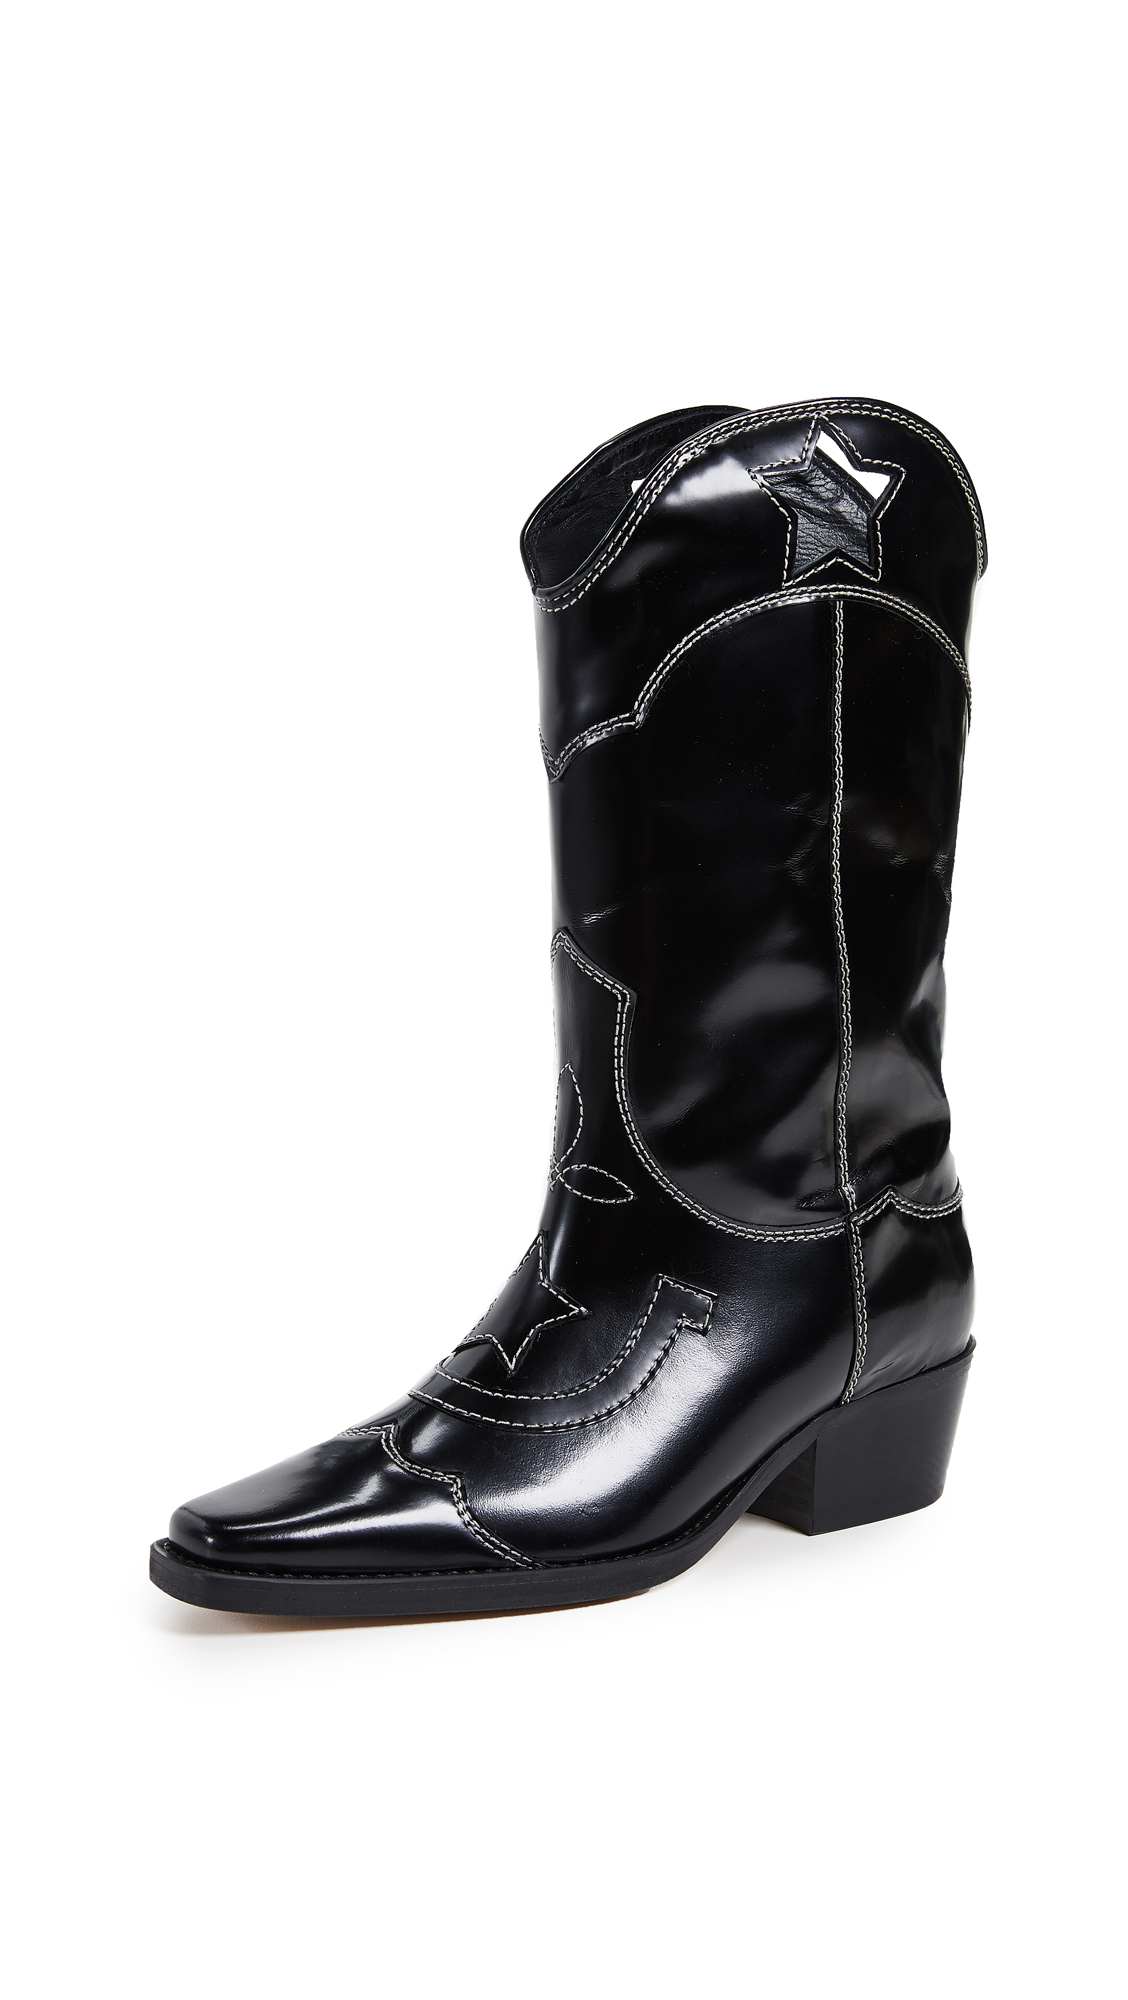 GANNI High Texas Boots - Black